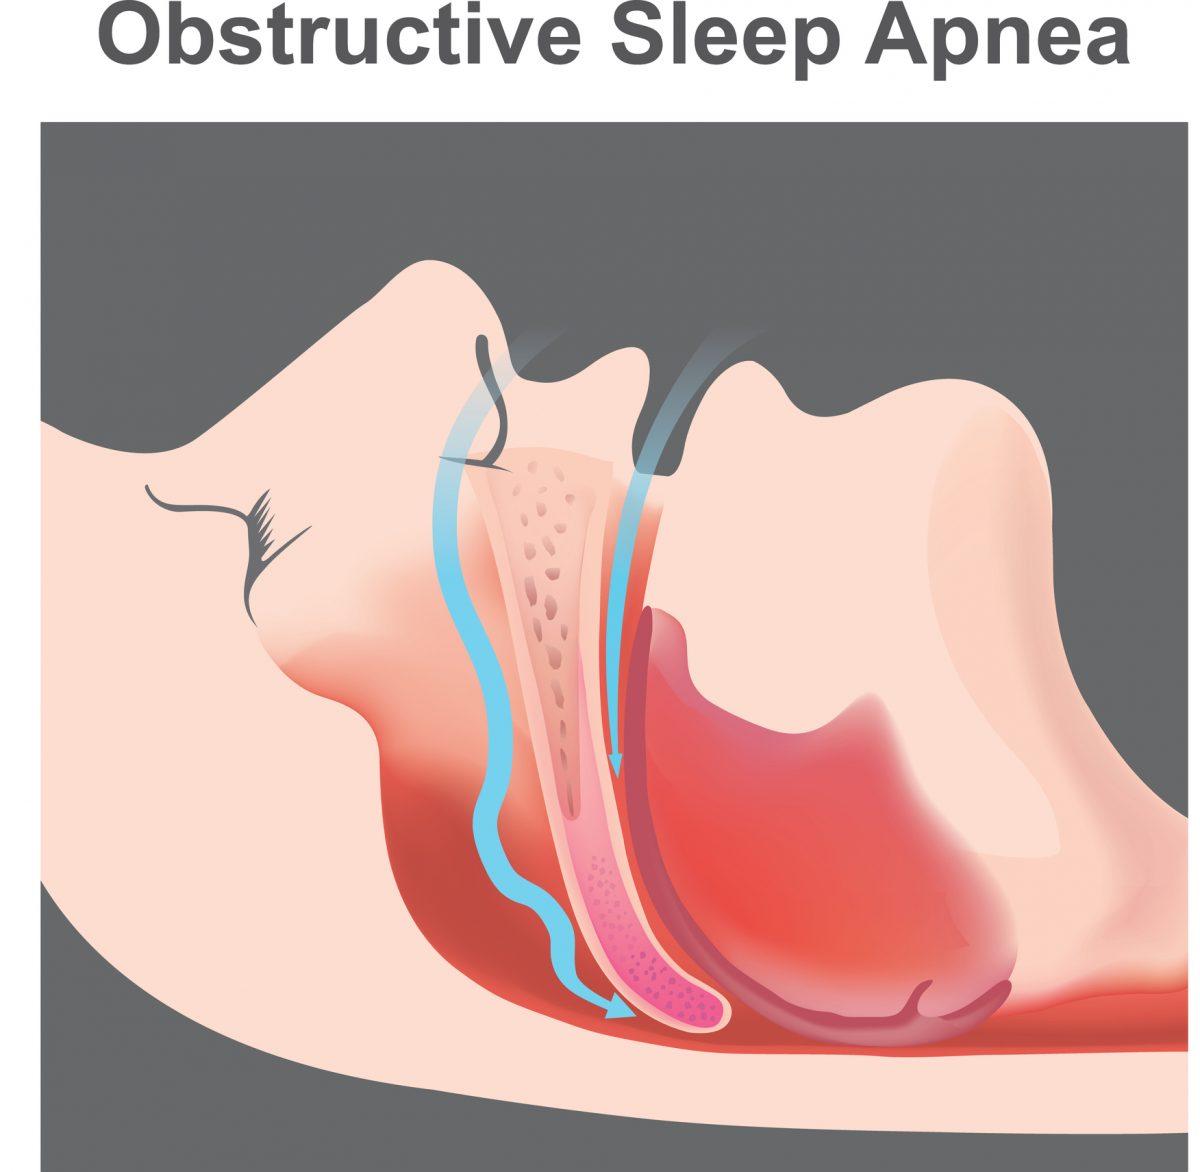 obstructive apnea symptom airway block